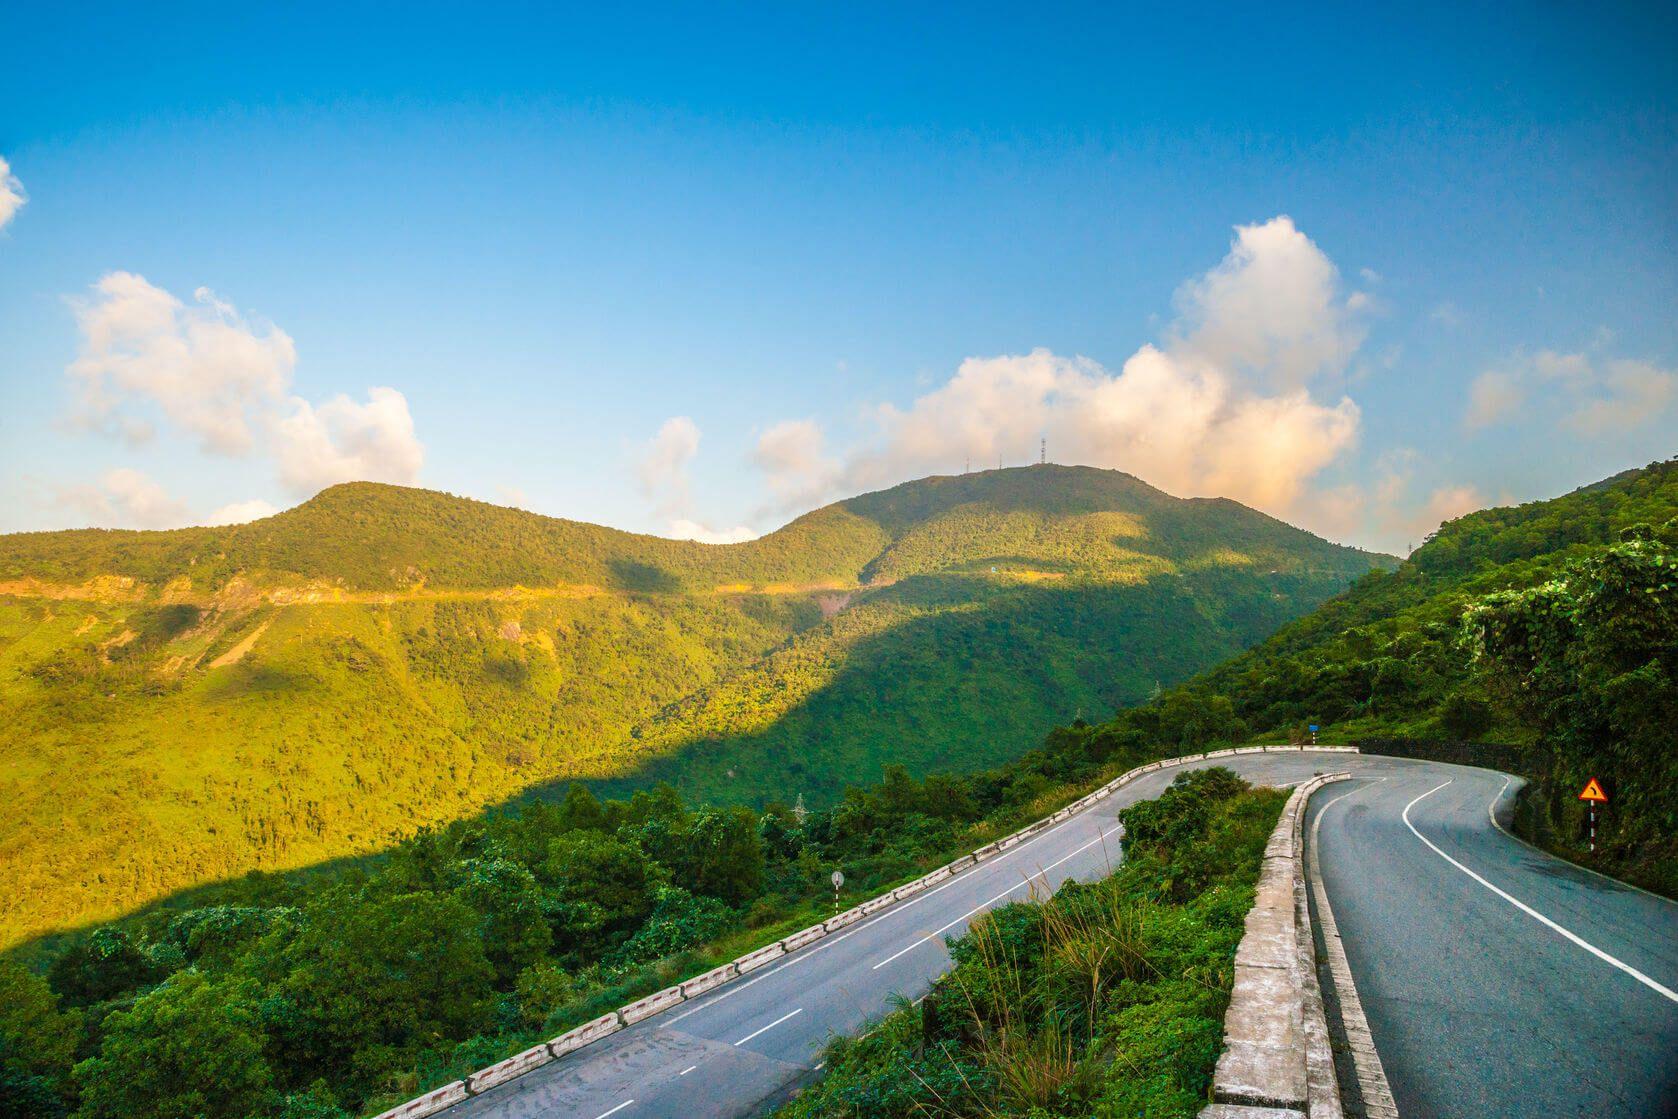 Đèo Hải Vân không chỉ là huyết mạch quan trọng mà còn là địa điểm chiêm ngưỡng cảnh đẹp của Đà Nẵng (Ảnh sưu tầm)